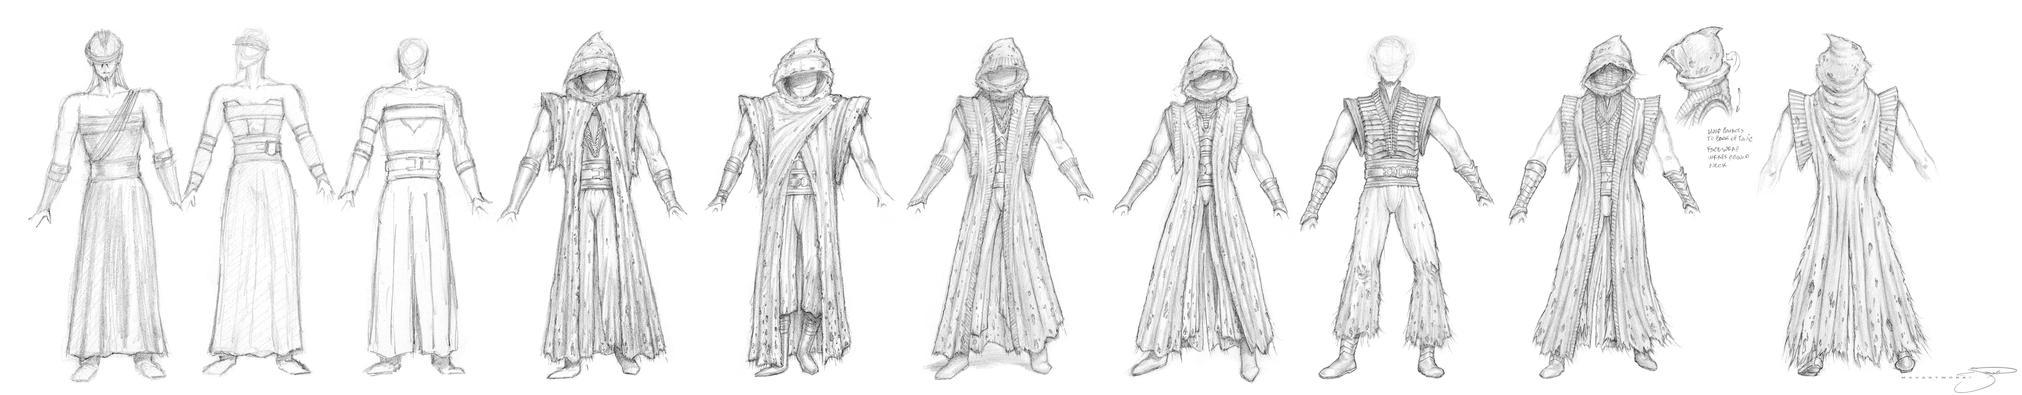 Sith Costume Phases I thru V by mavartworx